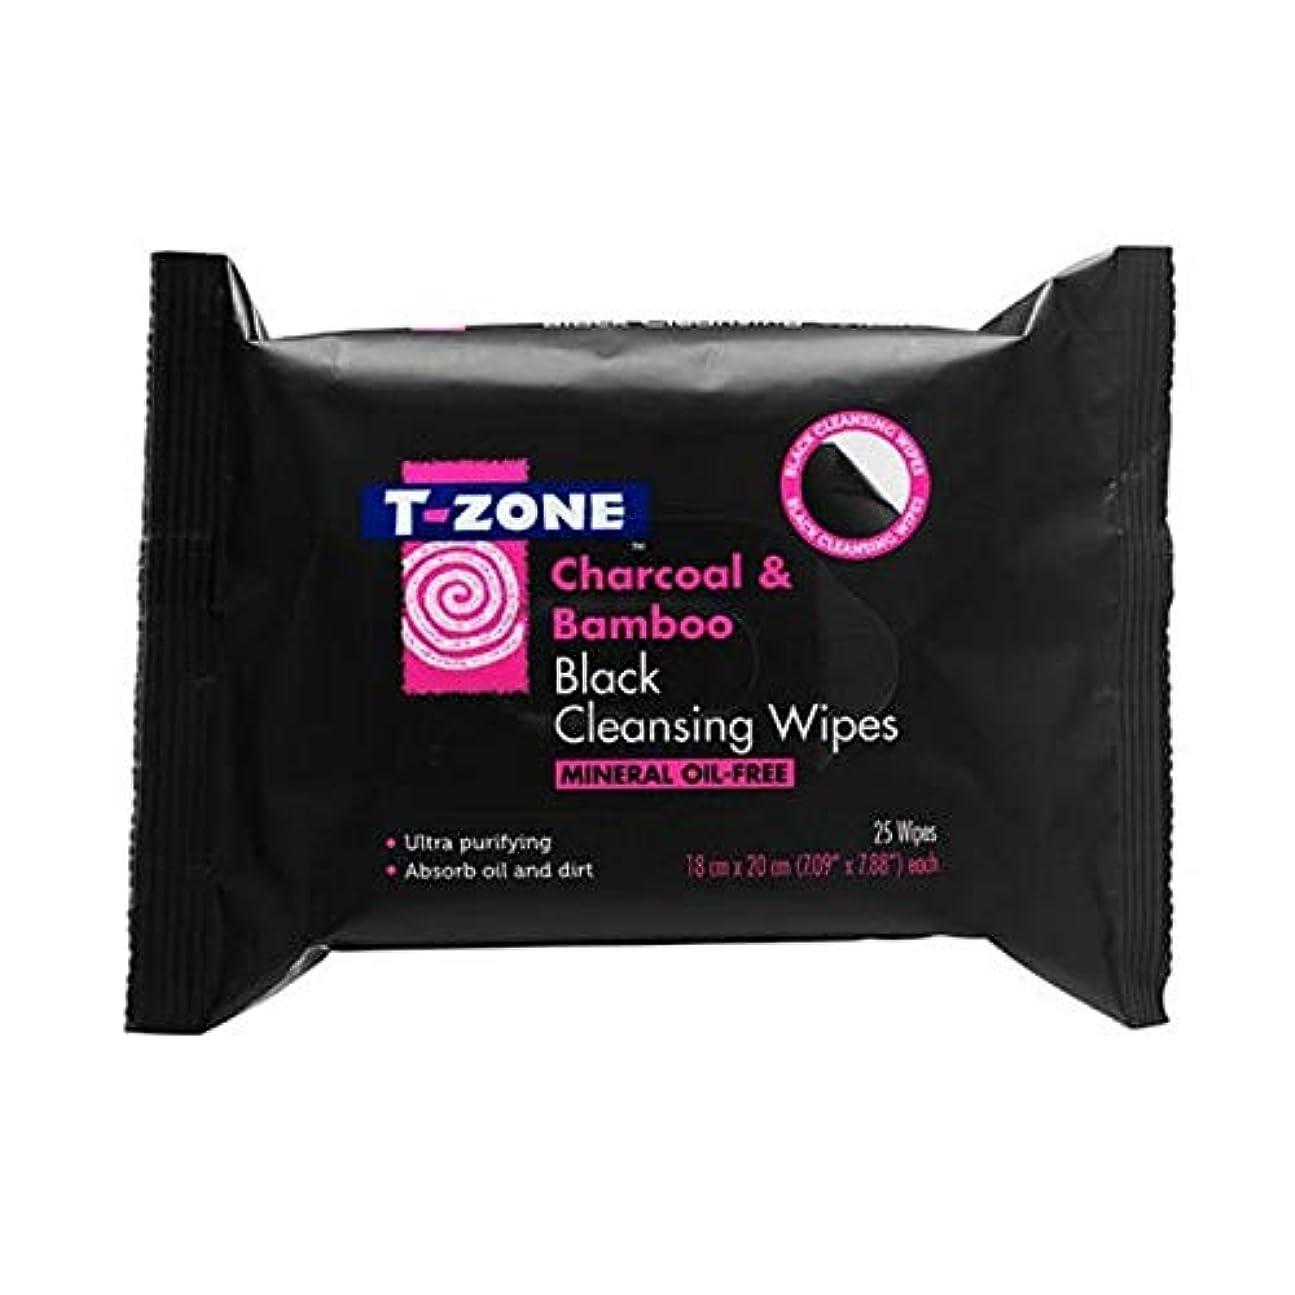 ビル適切なマダム[T-zone] Tゾーン木炭&竹ブラッククレンジング25Sを払拭します - T-Zone Charcoal & Bamboo Black Cleansing Wipes 25s [並行輸入品]